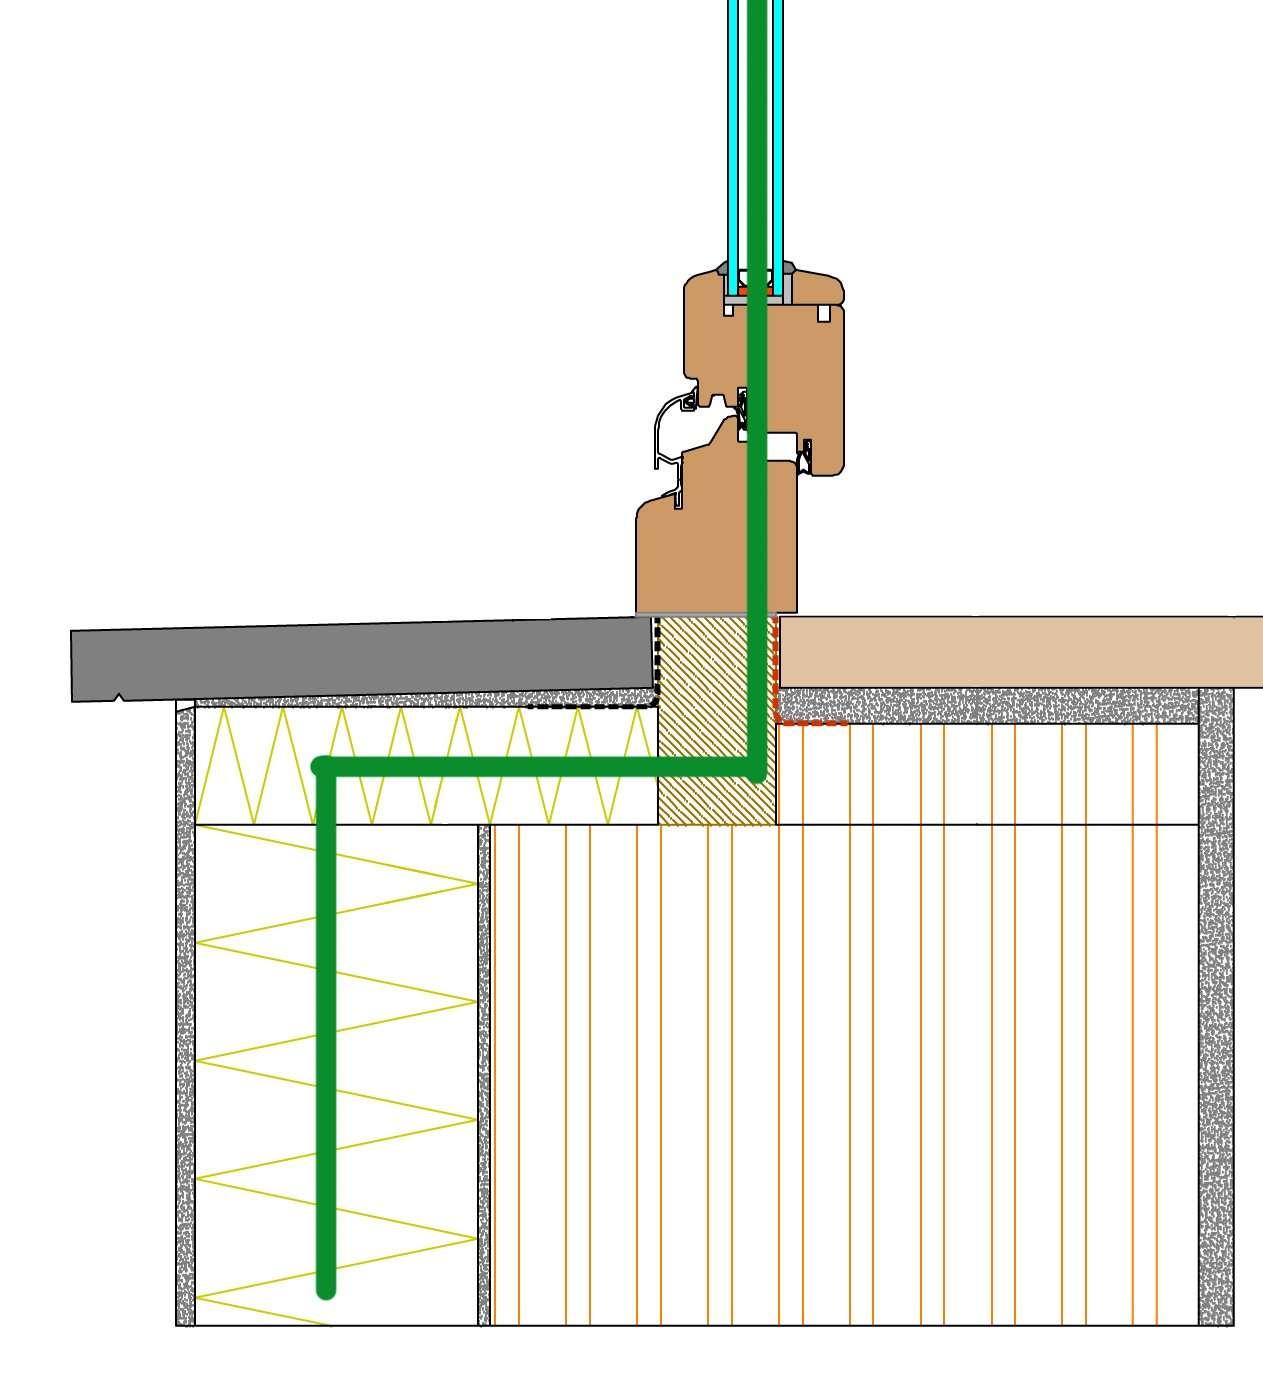 Davanzale passante in marmo soluzioni per la posa in opera dei serramenti - Montaggio finestre pvc senza controtelaio ...